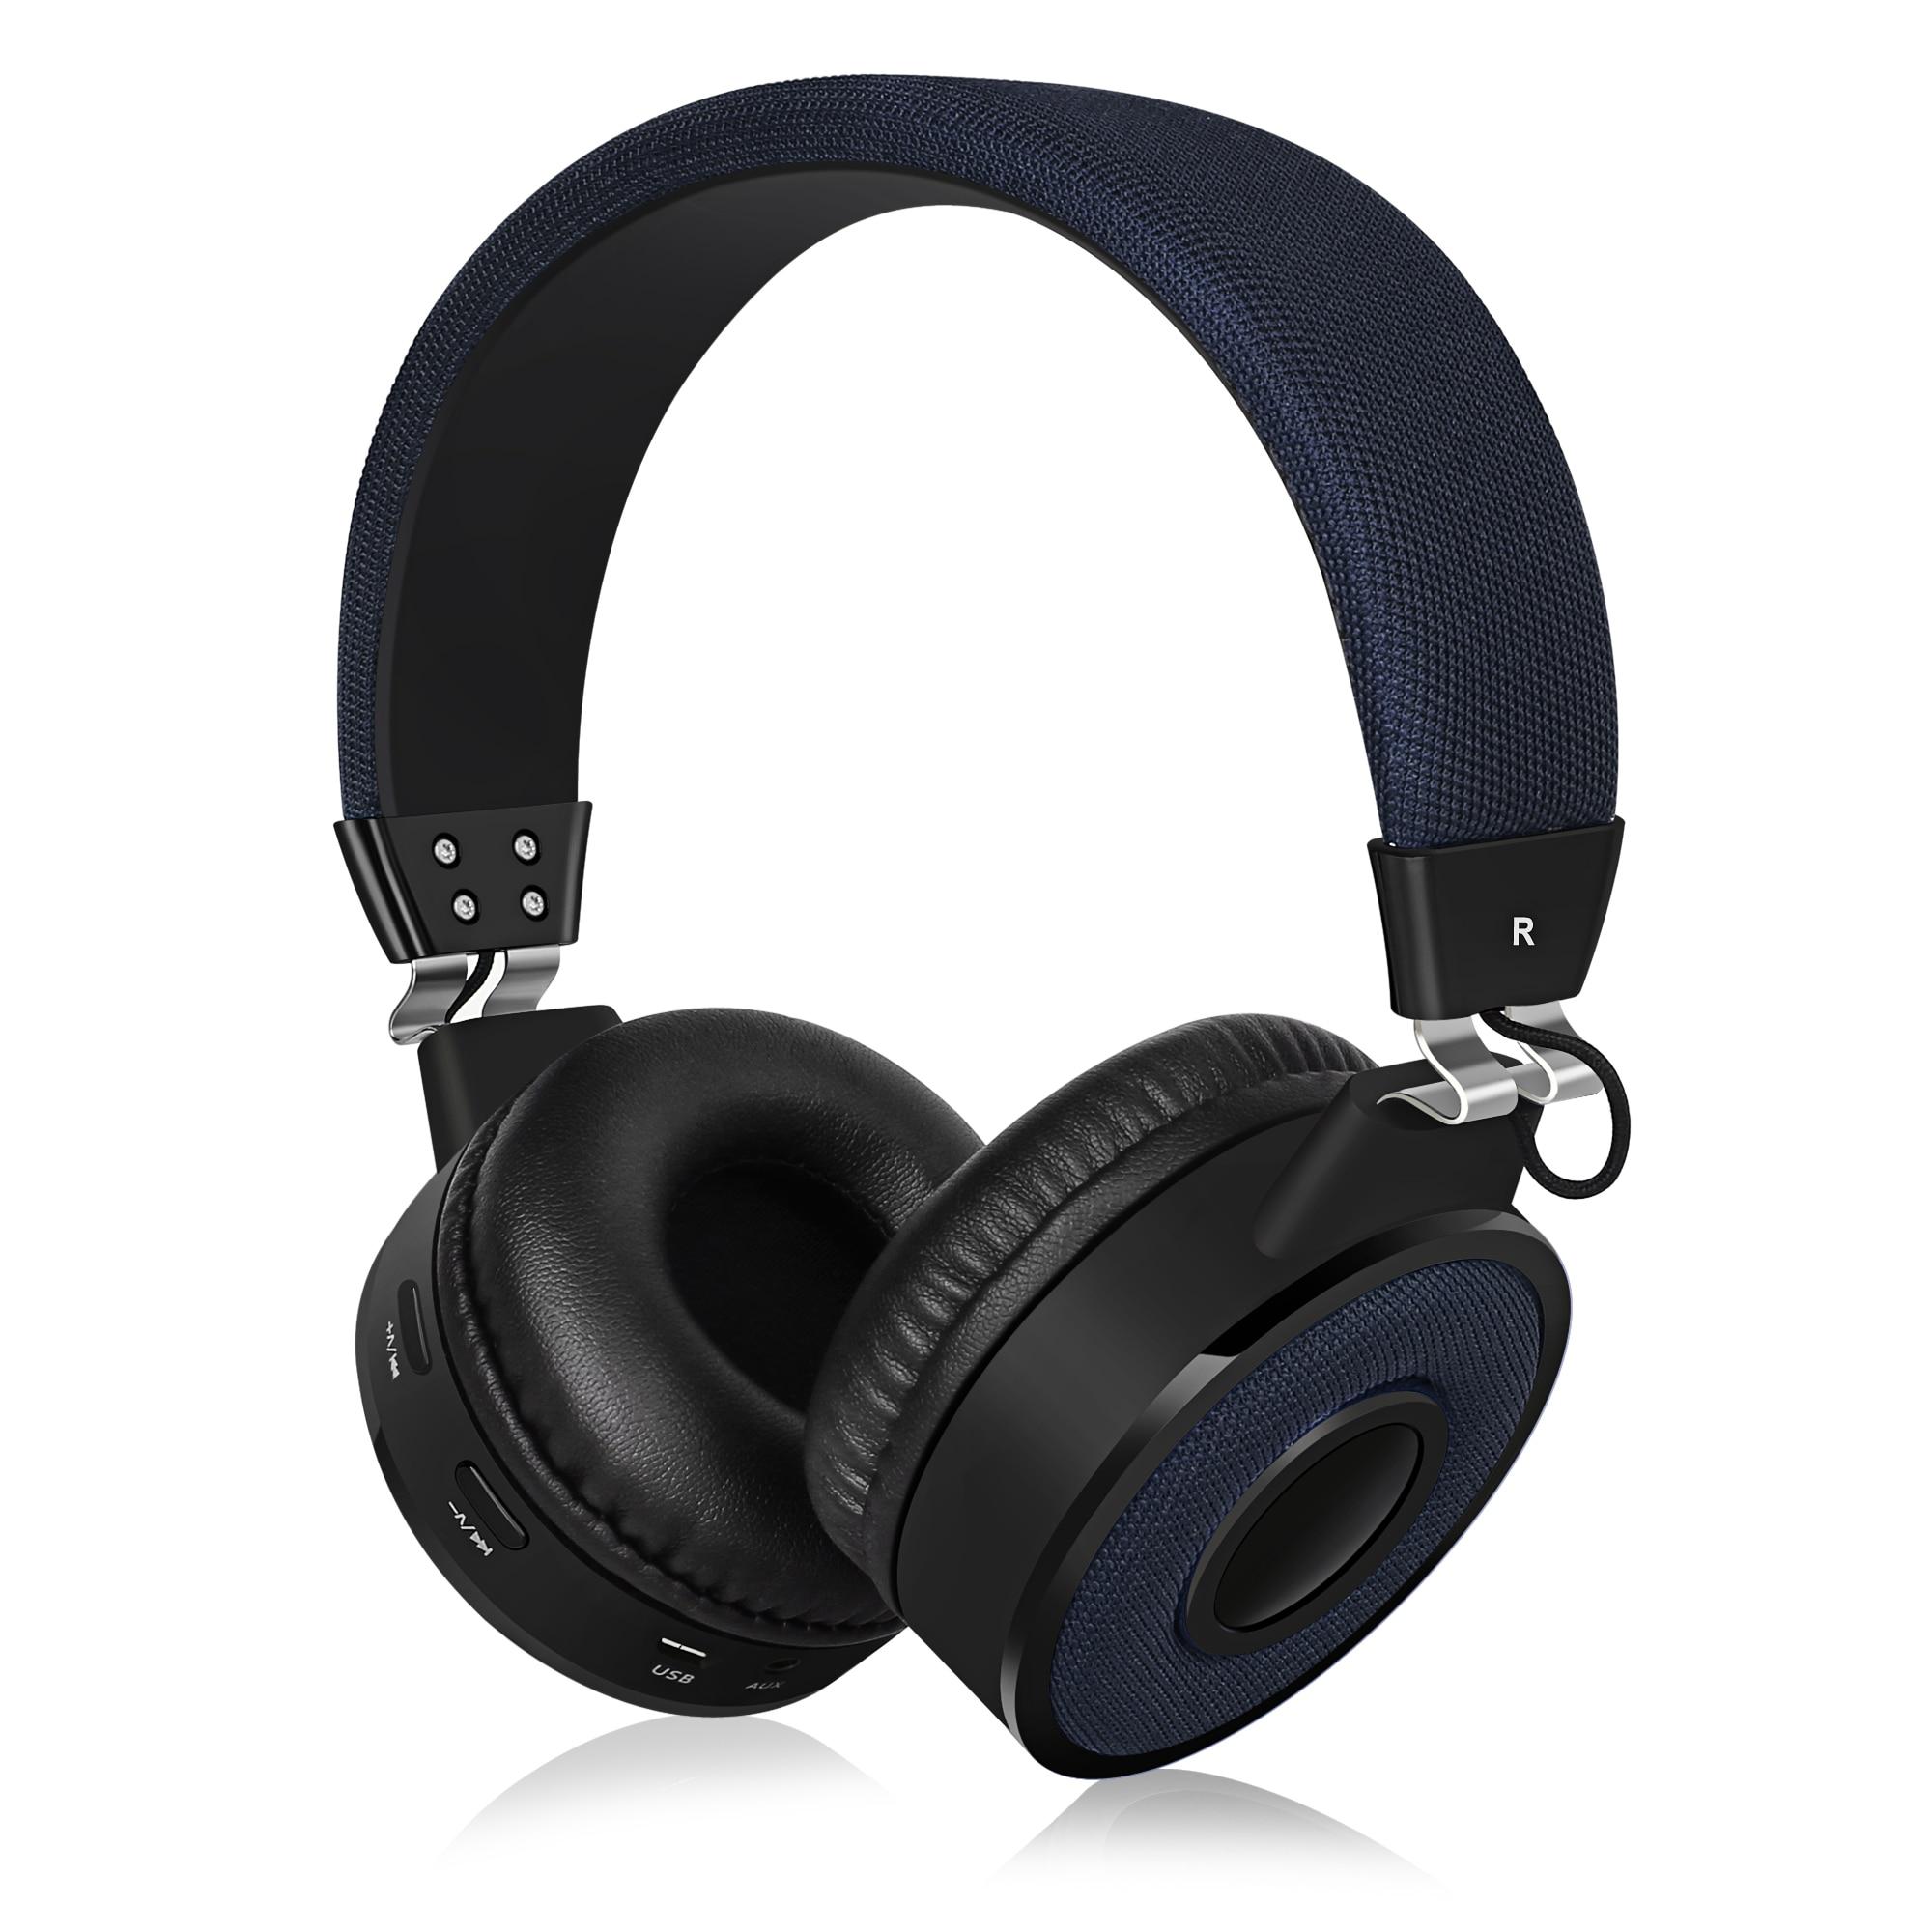 ZAPET BT-08 Drahtlose Kopfhörer Bluetooth4.1 Tuch Kopfhörer Stereo Headsets Bluetooth Kopfhörer mit Mikrofon für smartphone